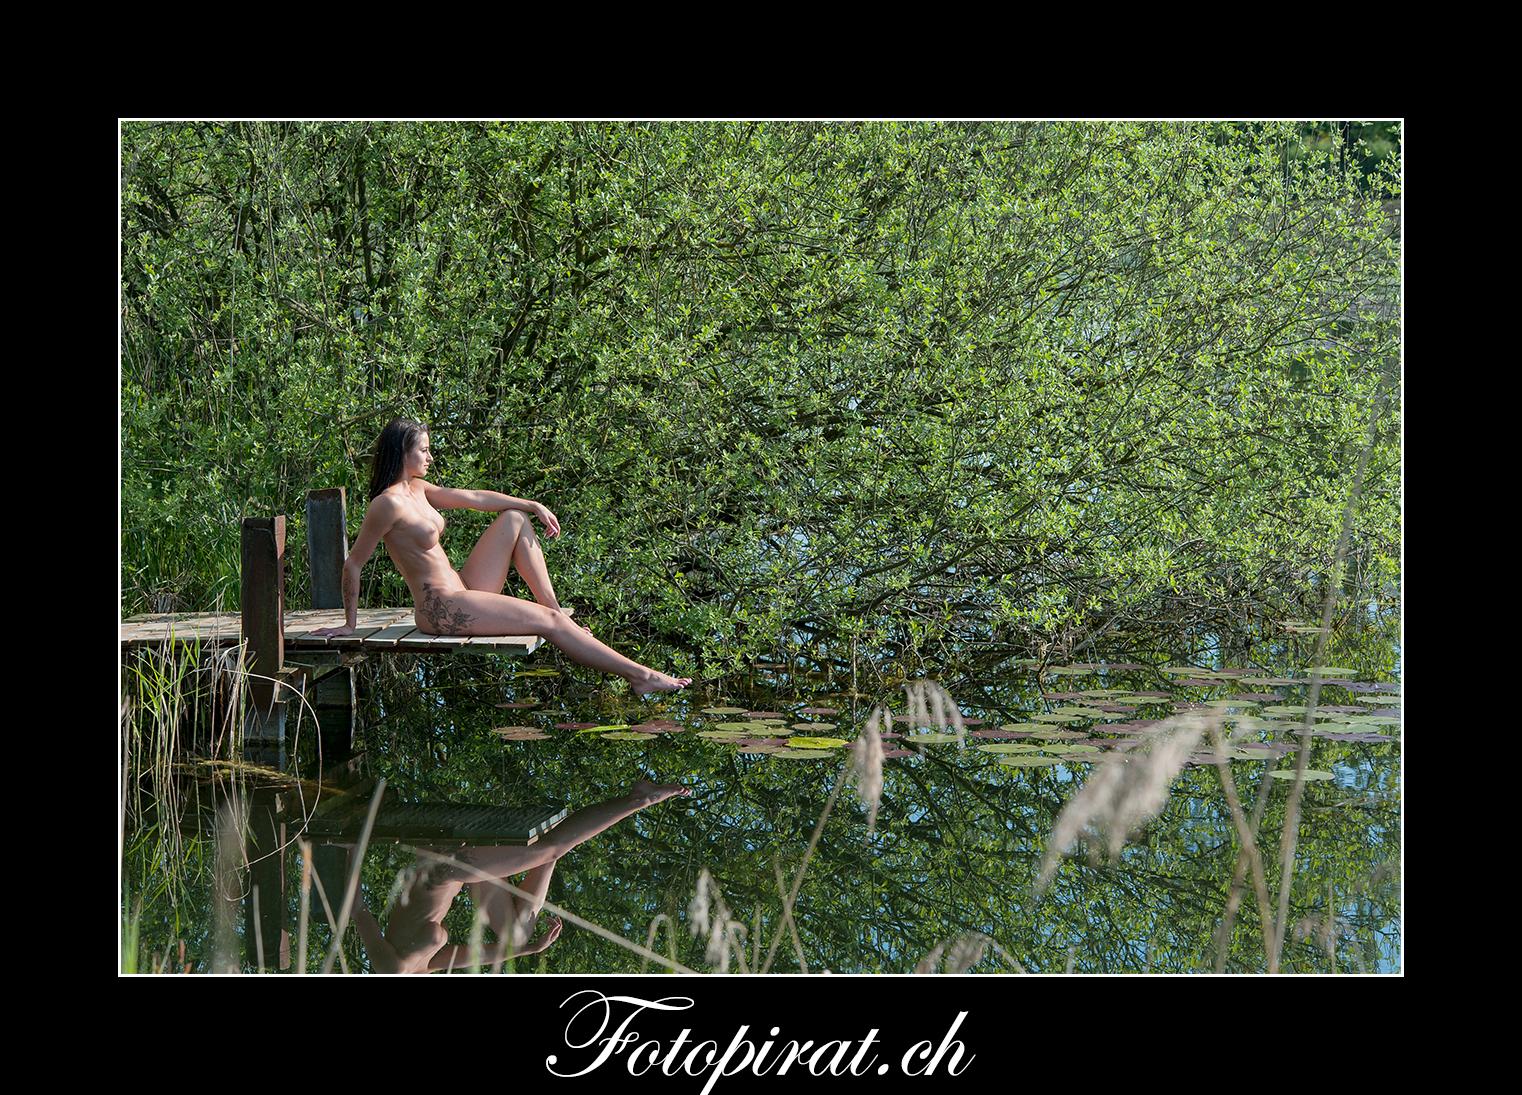 Fotoshooting, Outdoor, Akt, Nackt, Nudeart, Nude, Modelagentur, Fotomodel, erotik, fotomodel werden, Tatoo